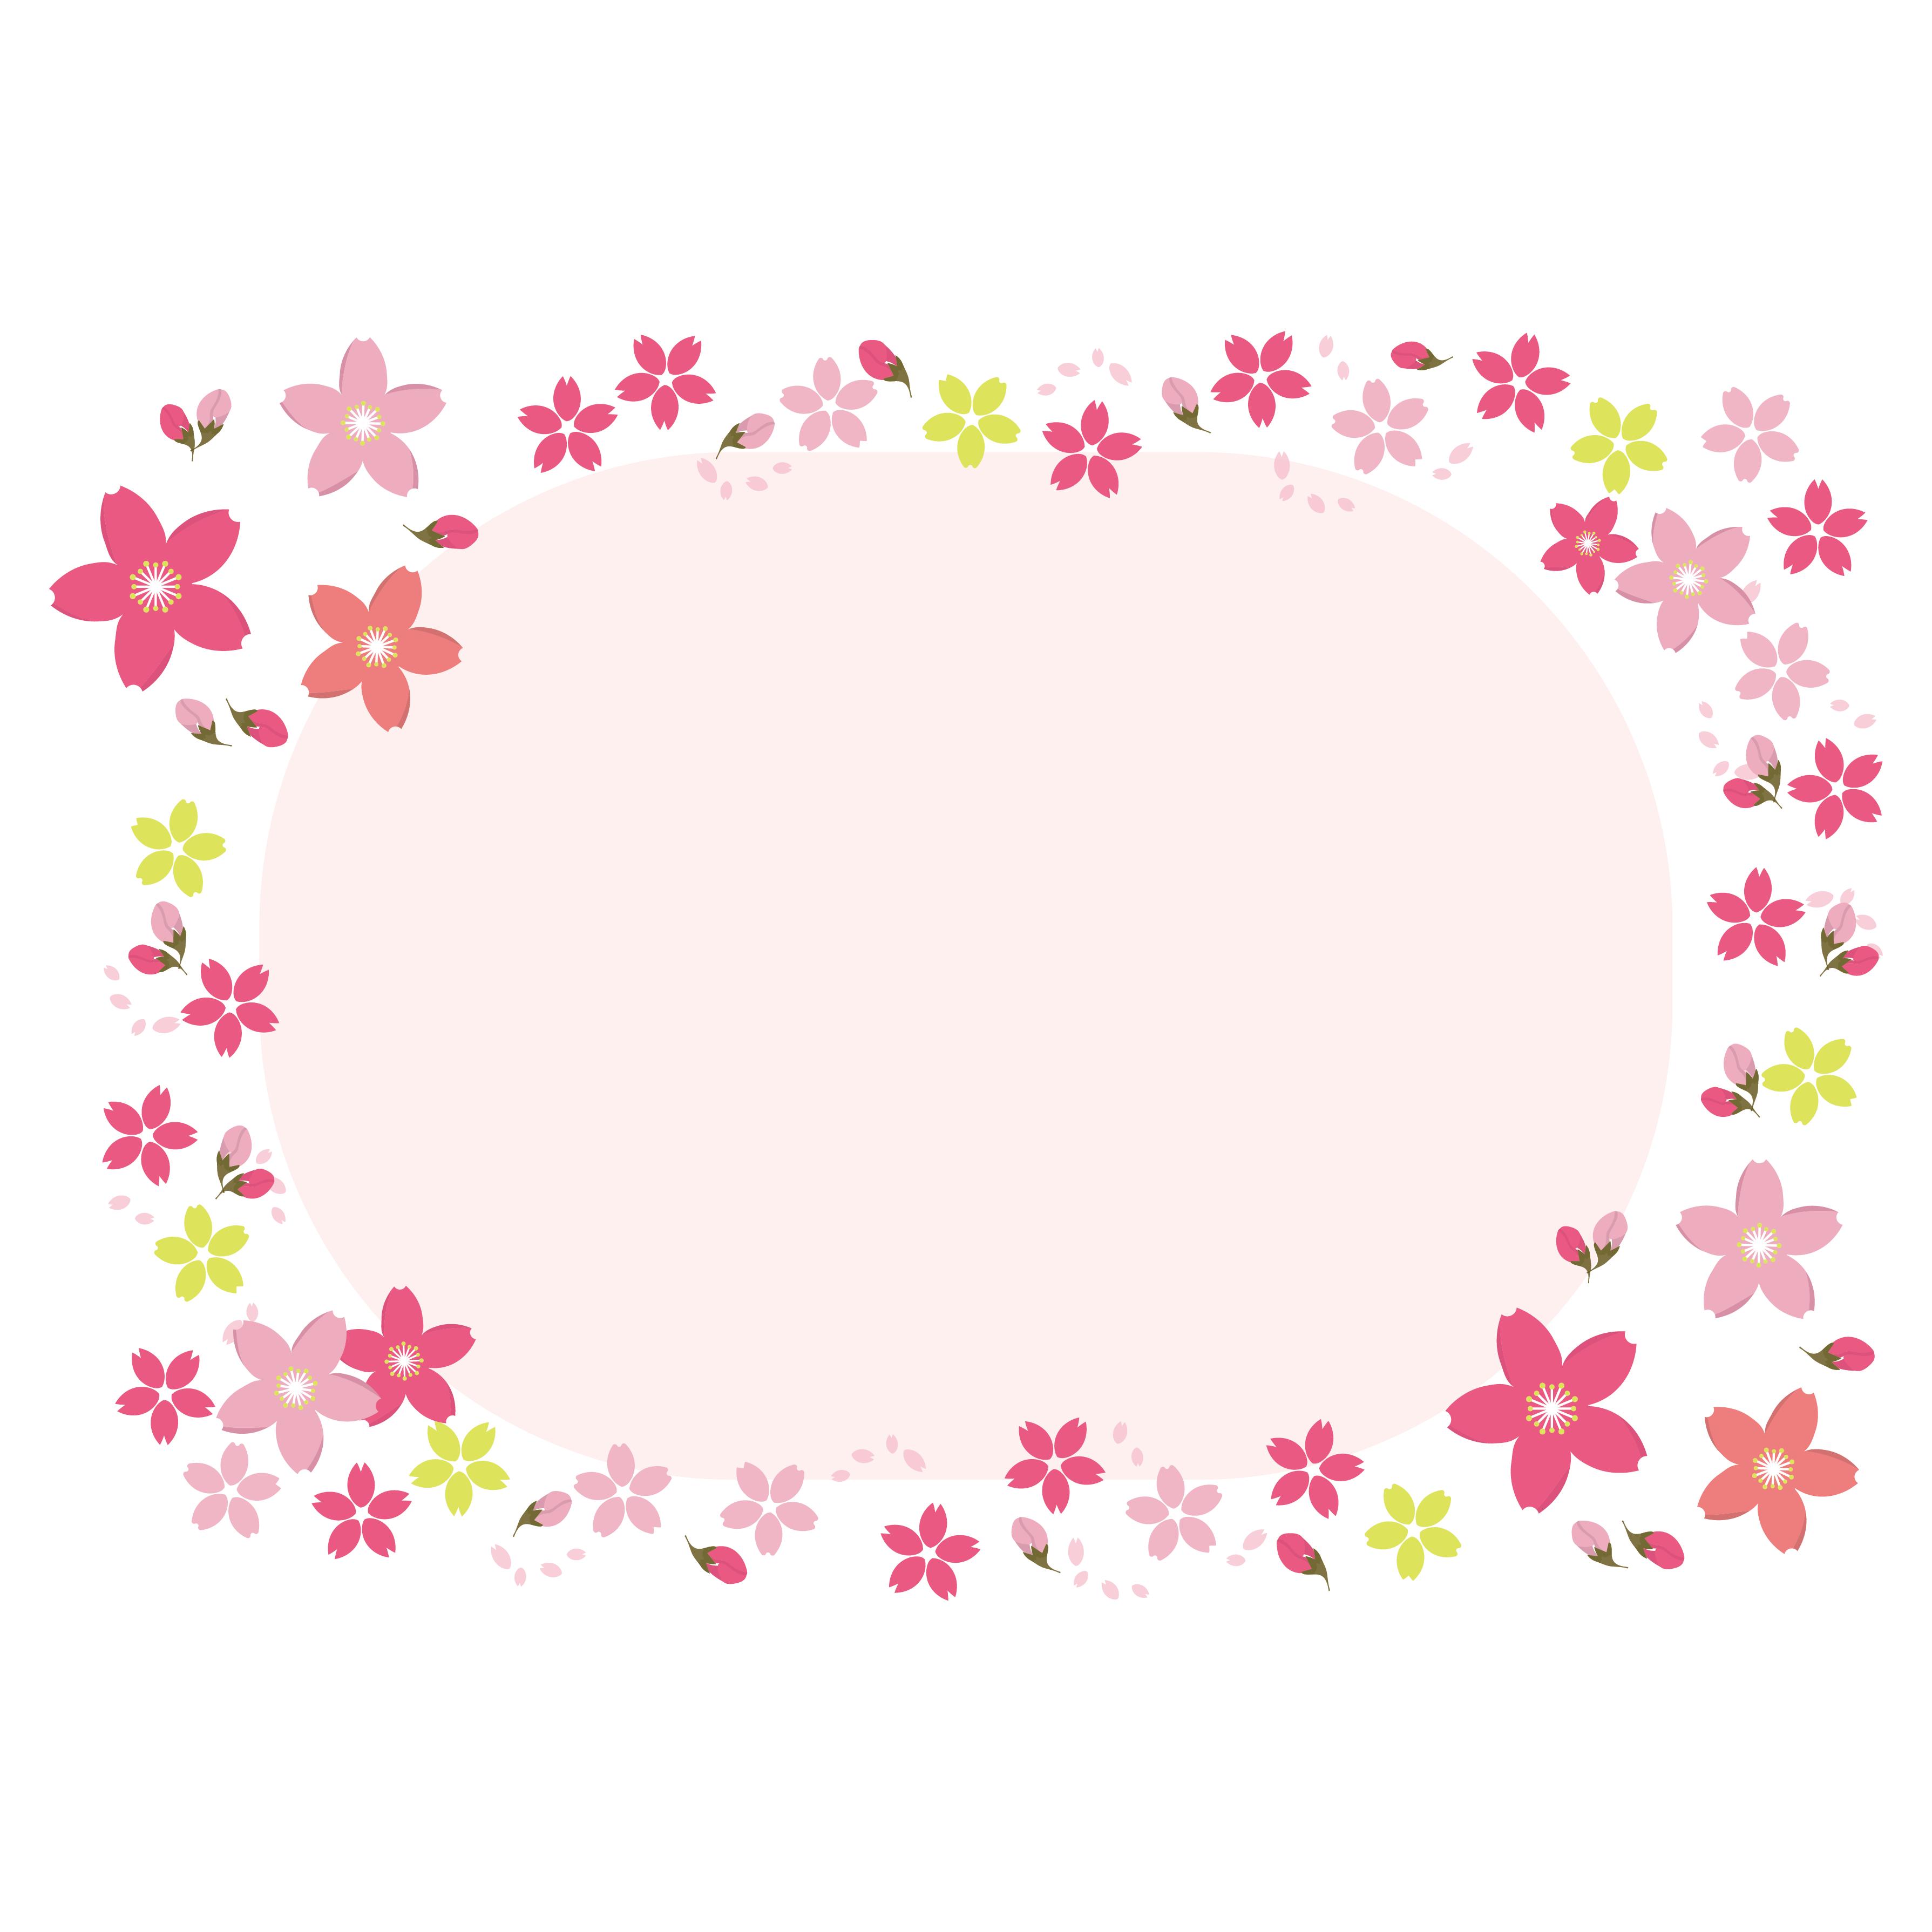 かわいい!桜(さくら)のカラフルフレーム フリー イラスト